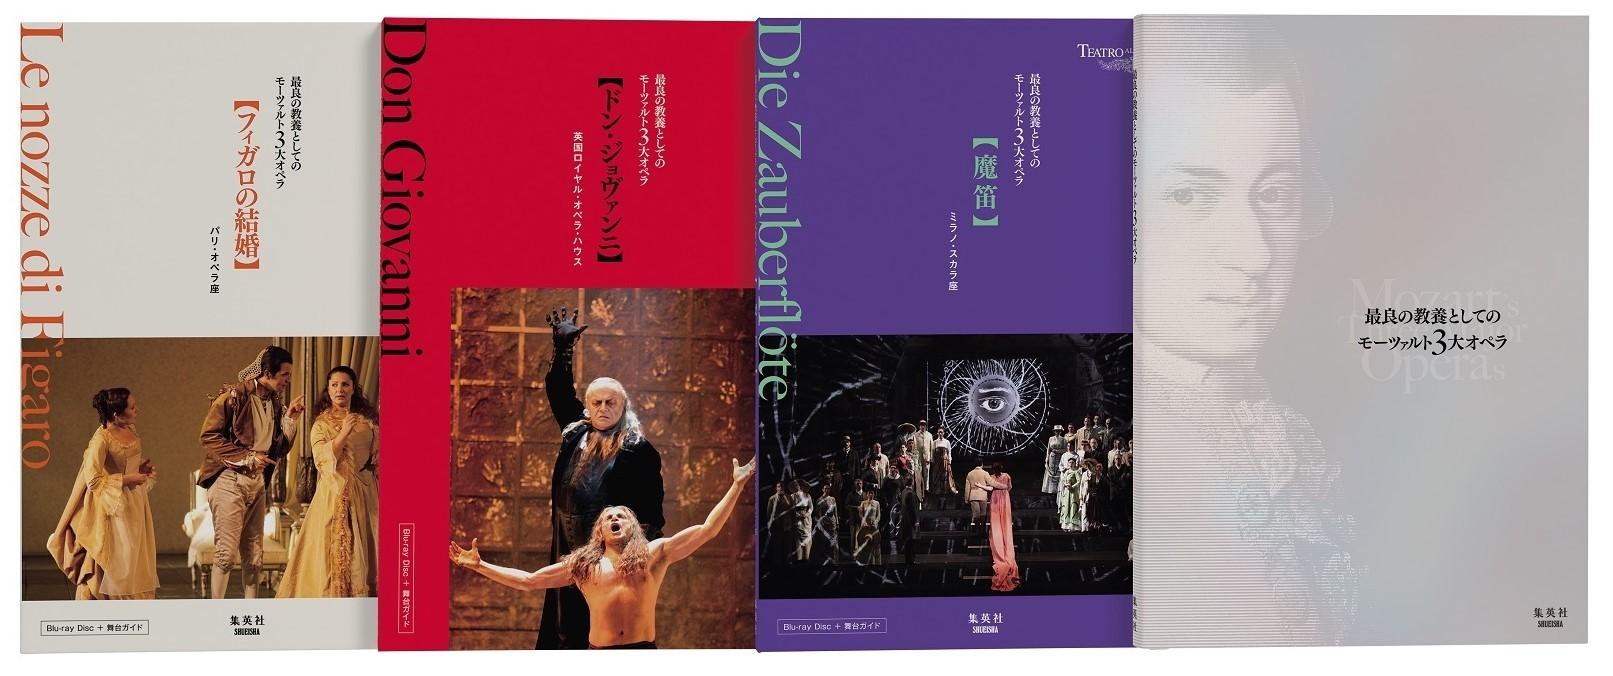 モーツァルト3大オペラ『フィガロの結婚』『ドン・ジョヴァンニ』『魔笛』